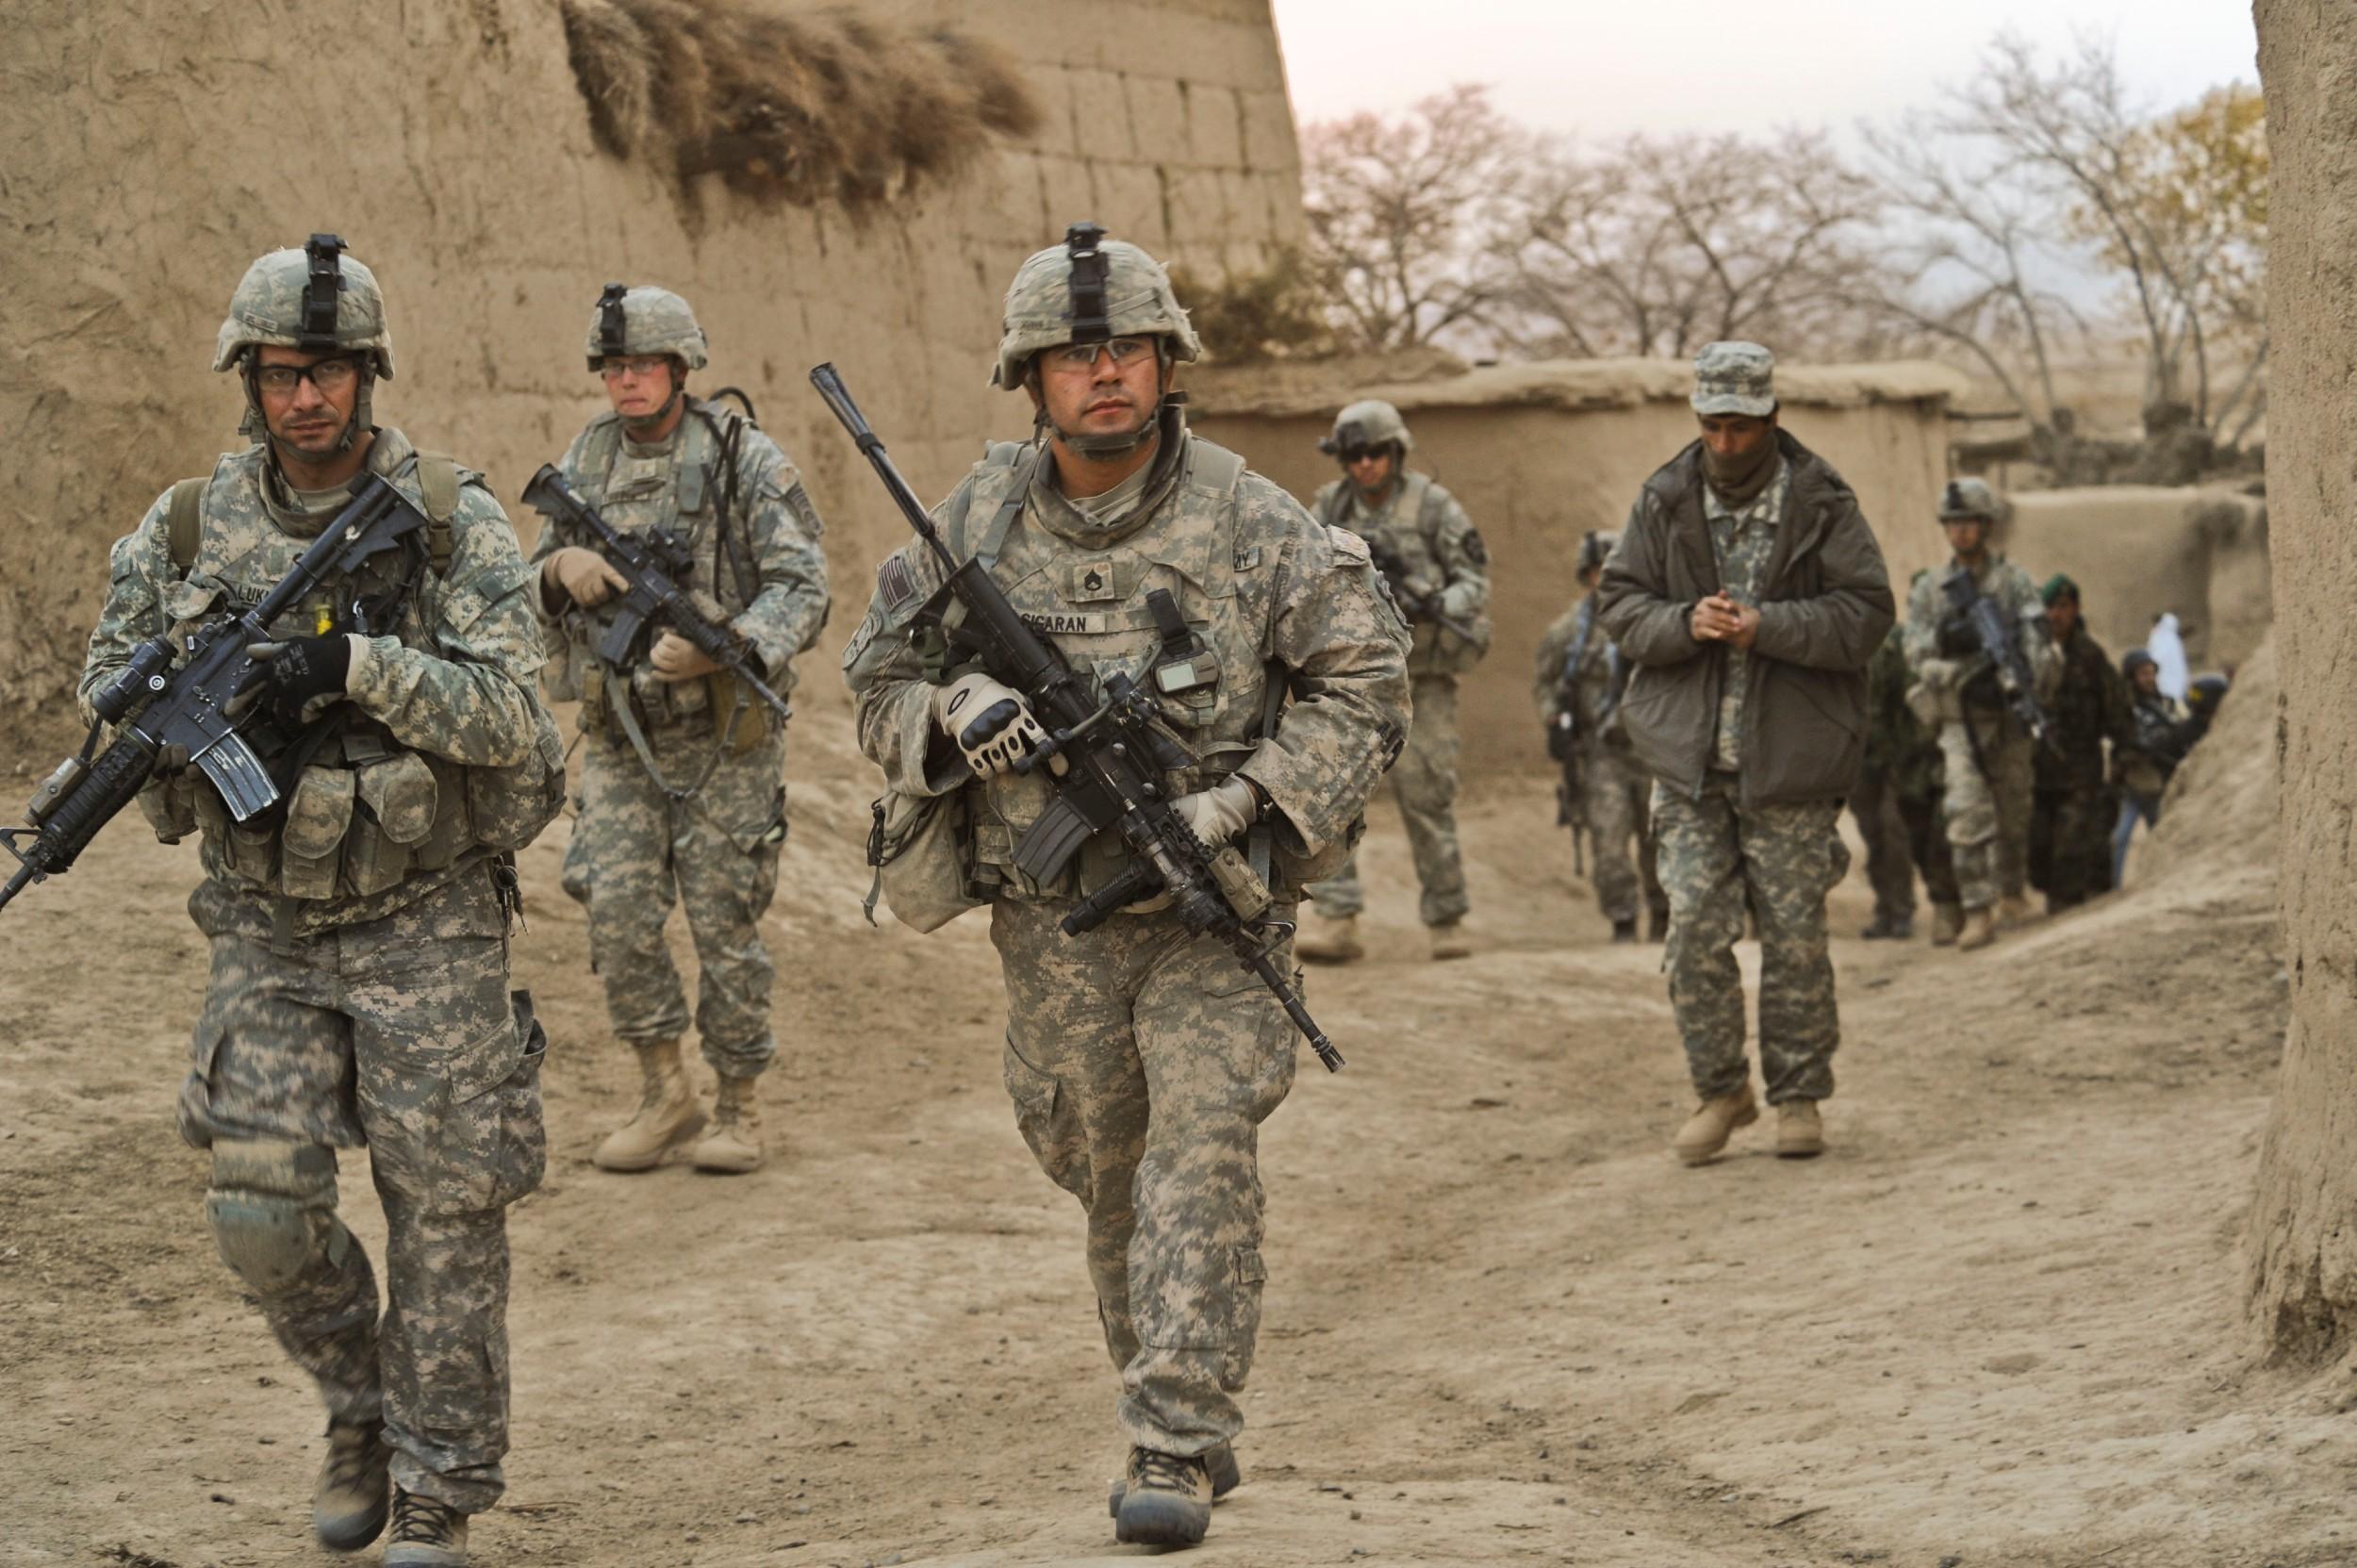 Амерички војници патролирају Авганистаном (Фото: U.S. Dept of Defense)